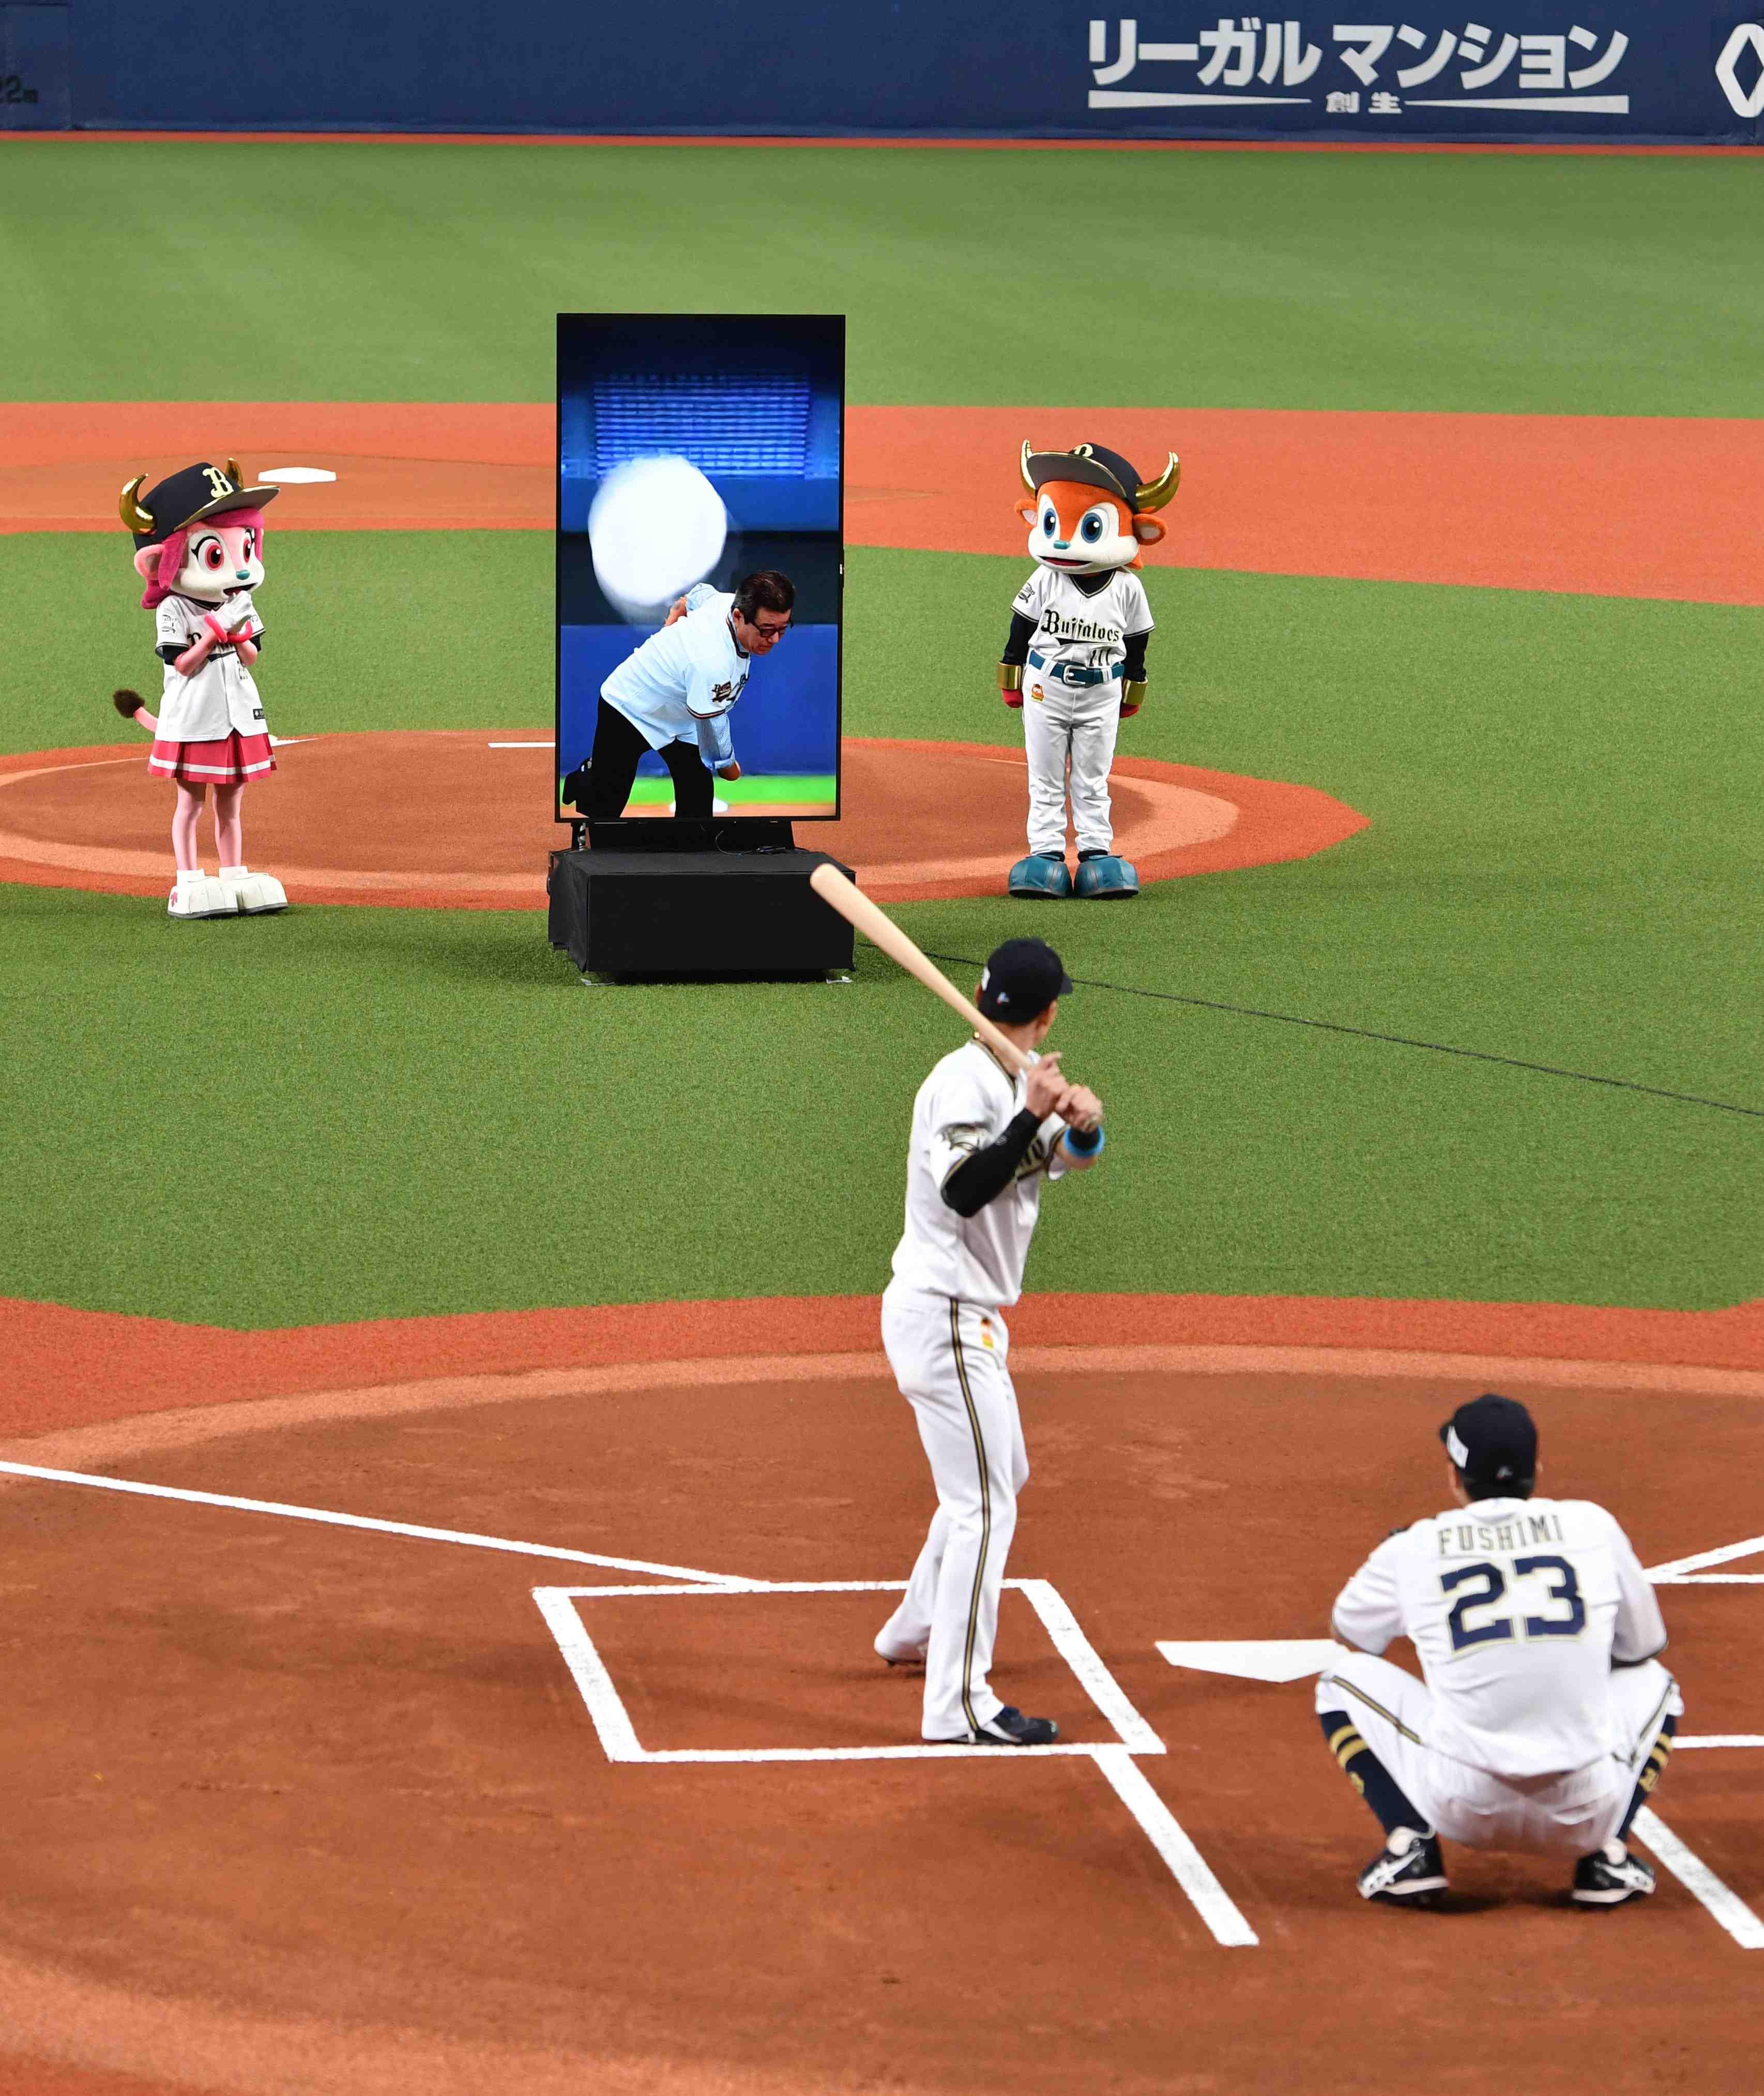 Baseball Japan NPB